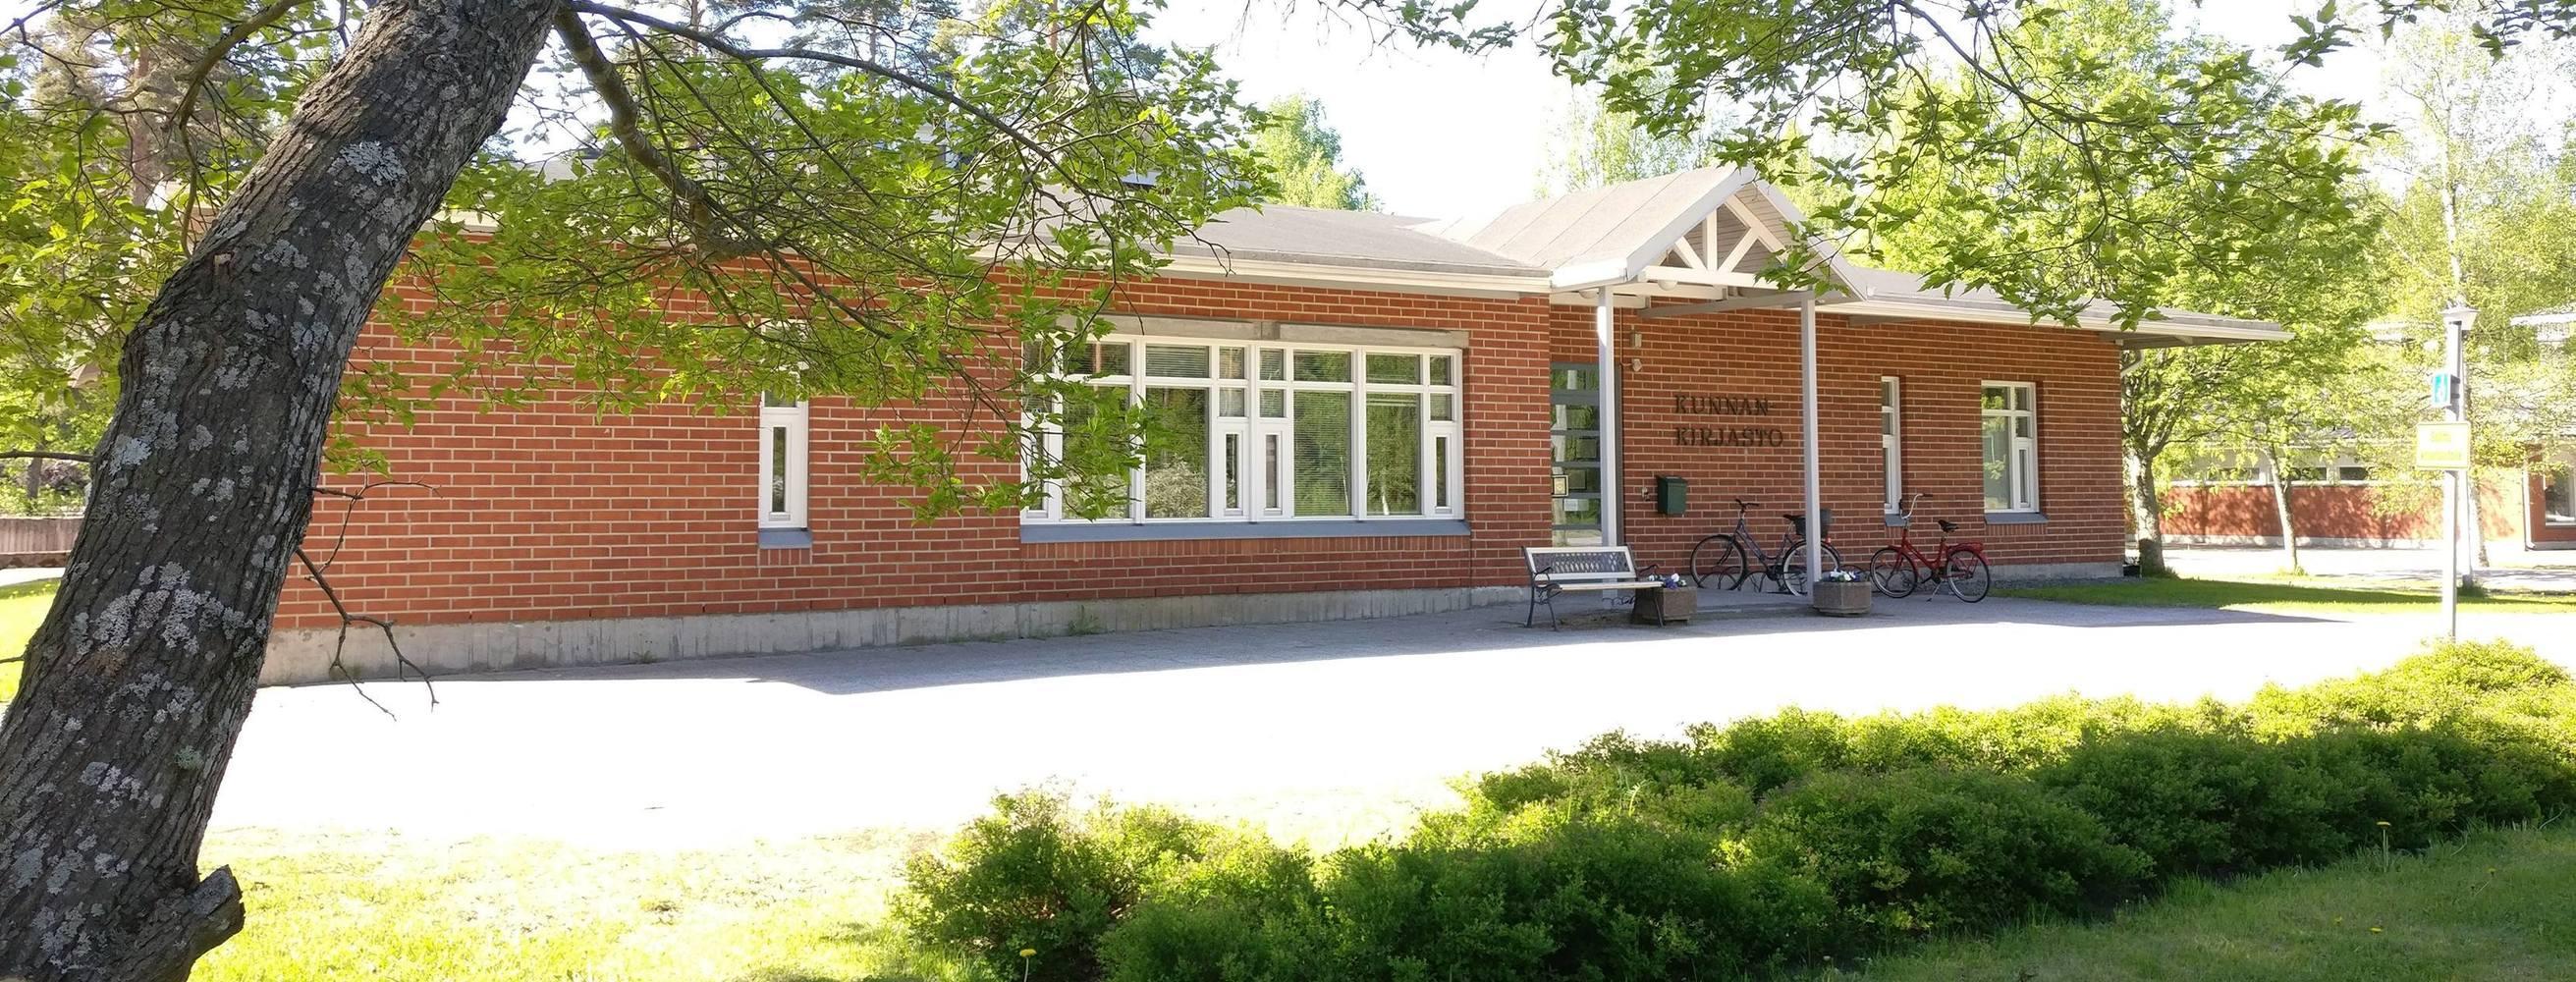 Hartola Library